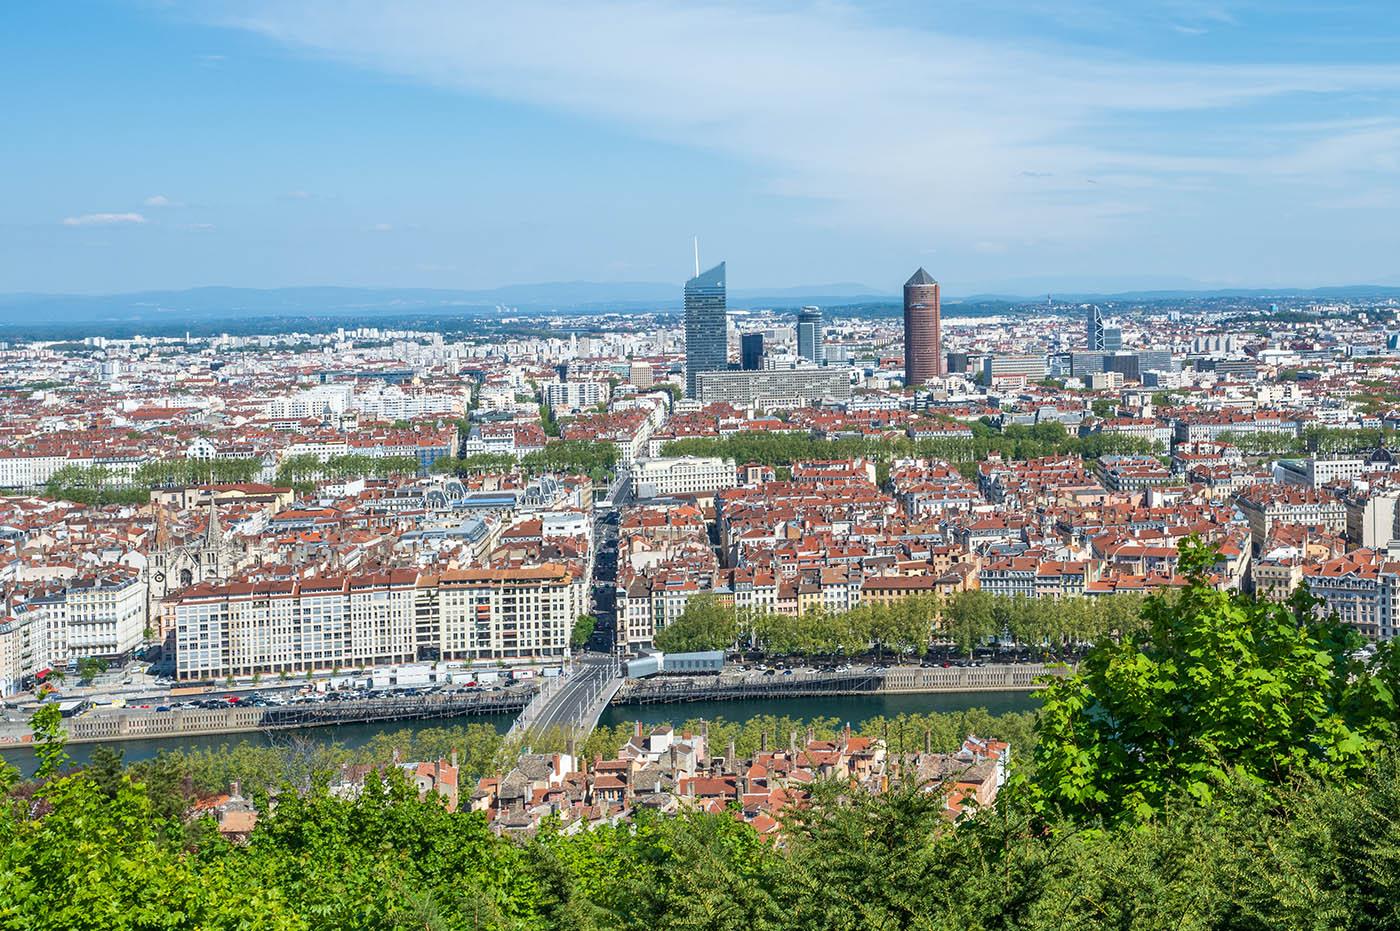 vue sur skyline de Lyon Bellecour et les Alpes gros plan